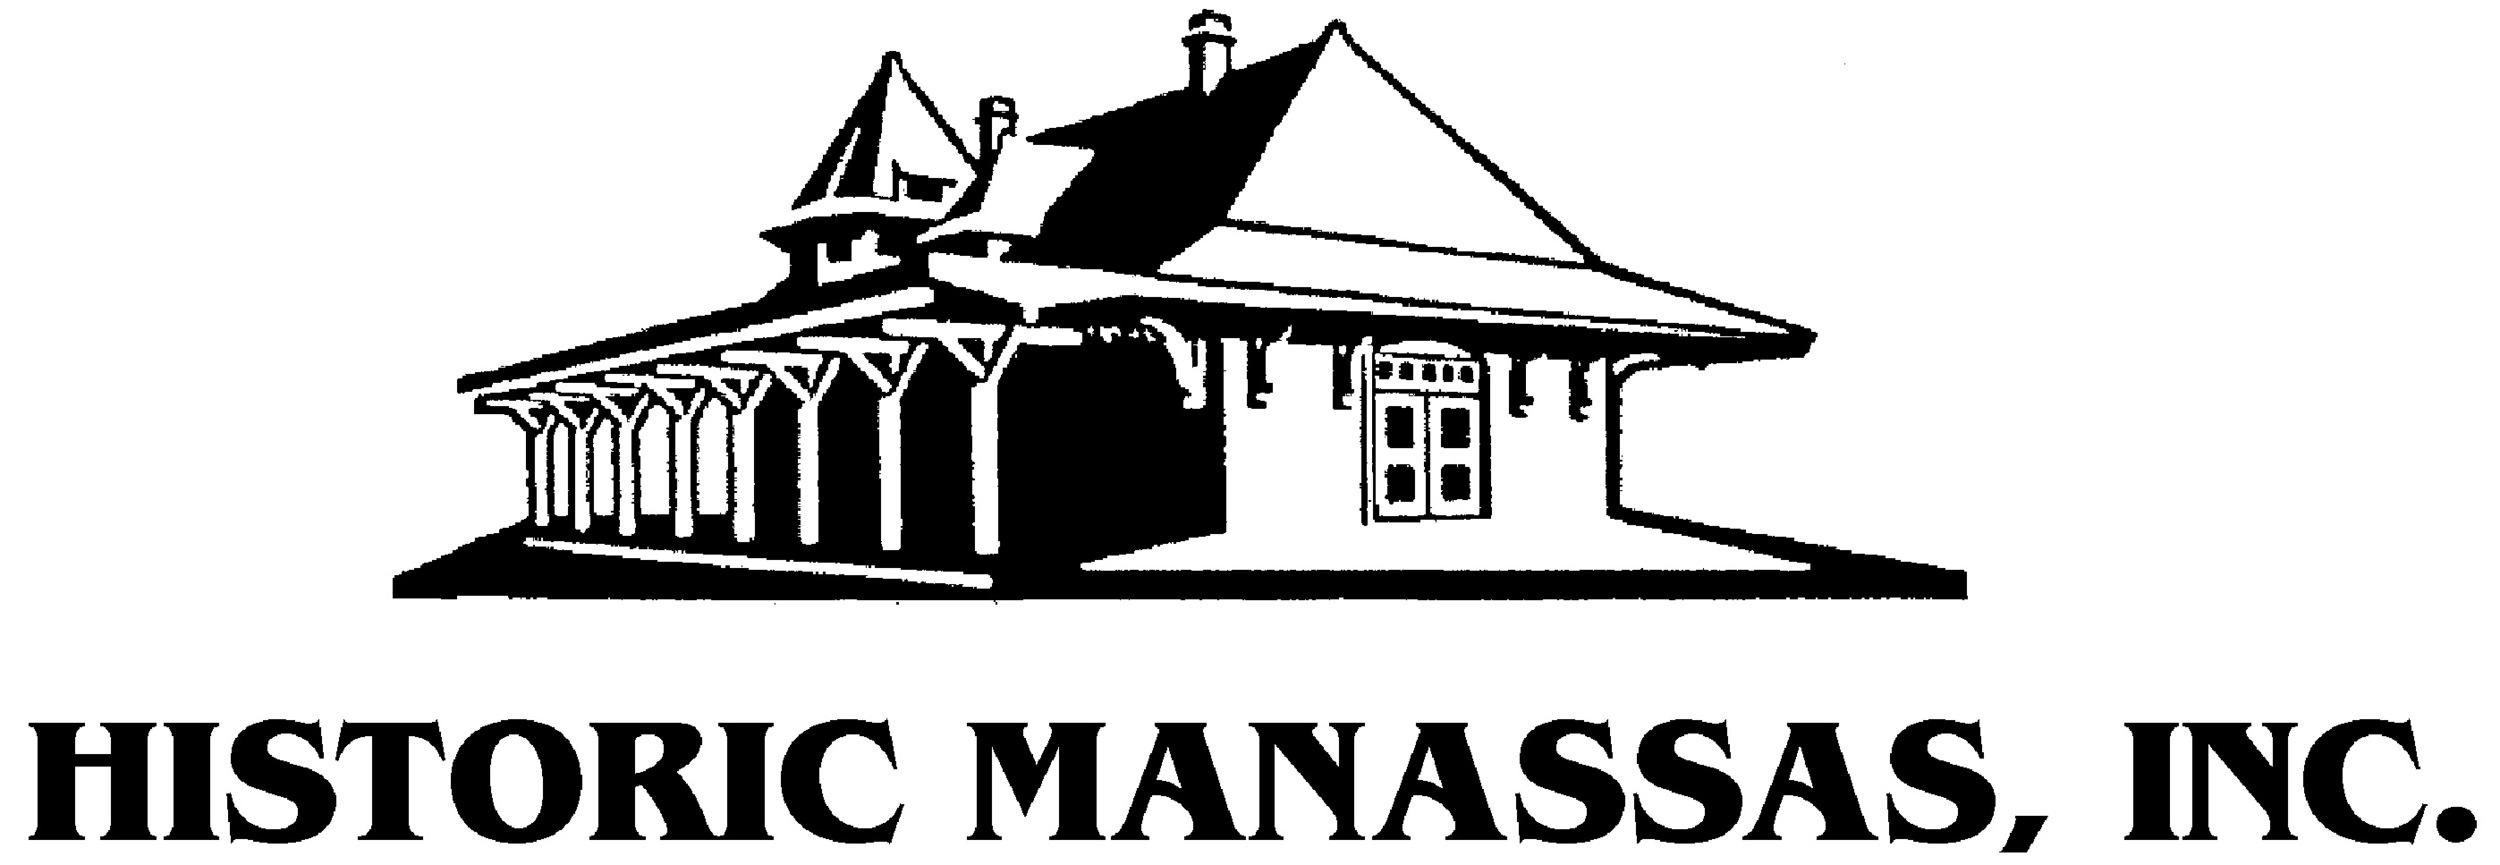 historic-manassas-va-logo-kline-engineering.jpg